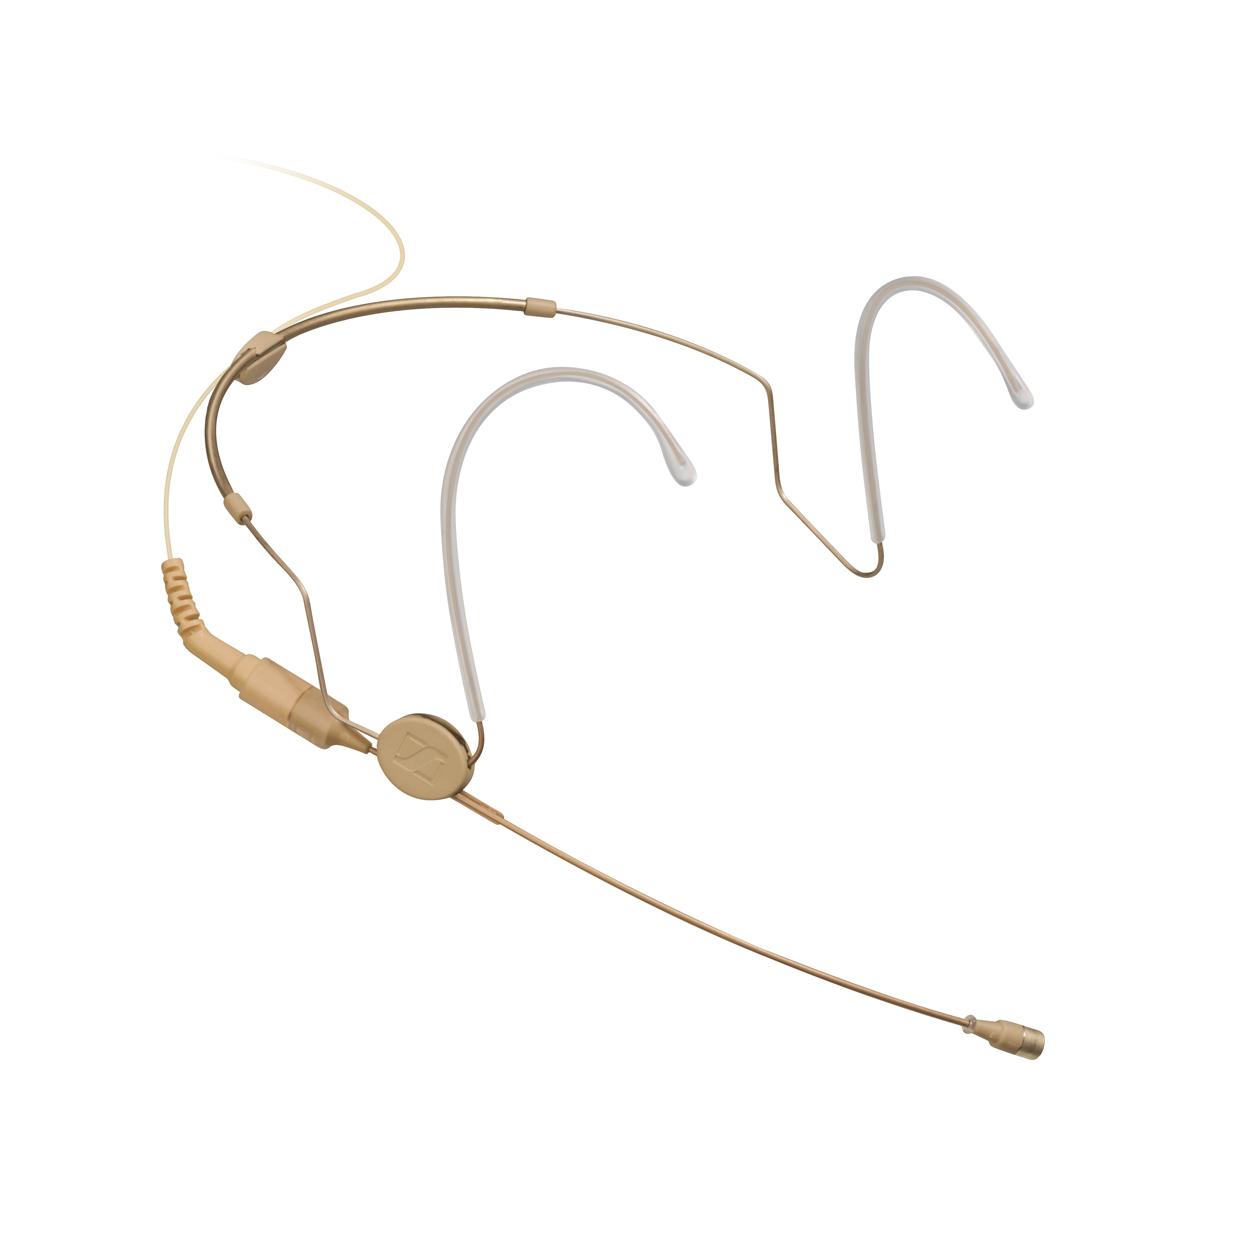 Afbeelding van Sennheiser HSP 2-3 beige LEMO Headsetmicrofoon met LEMO-3 plug